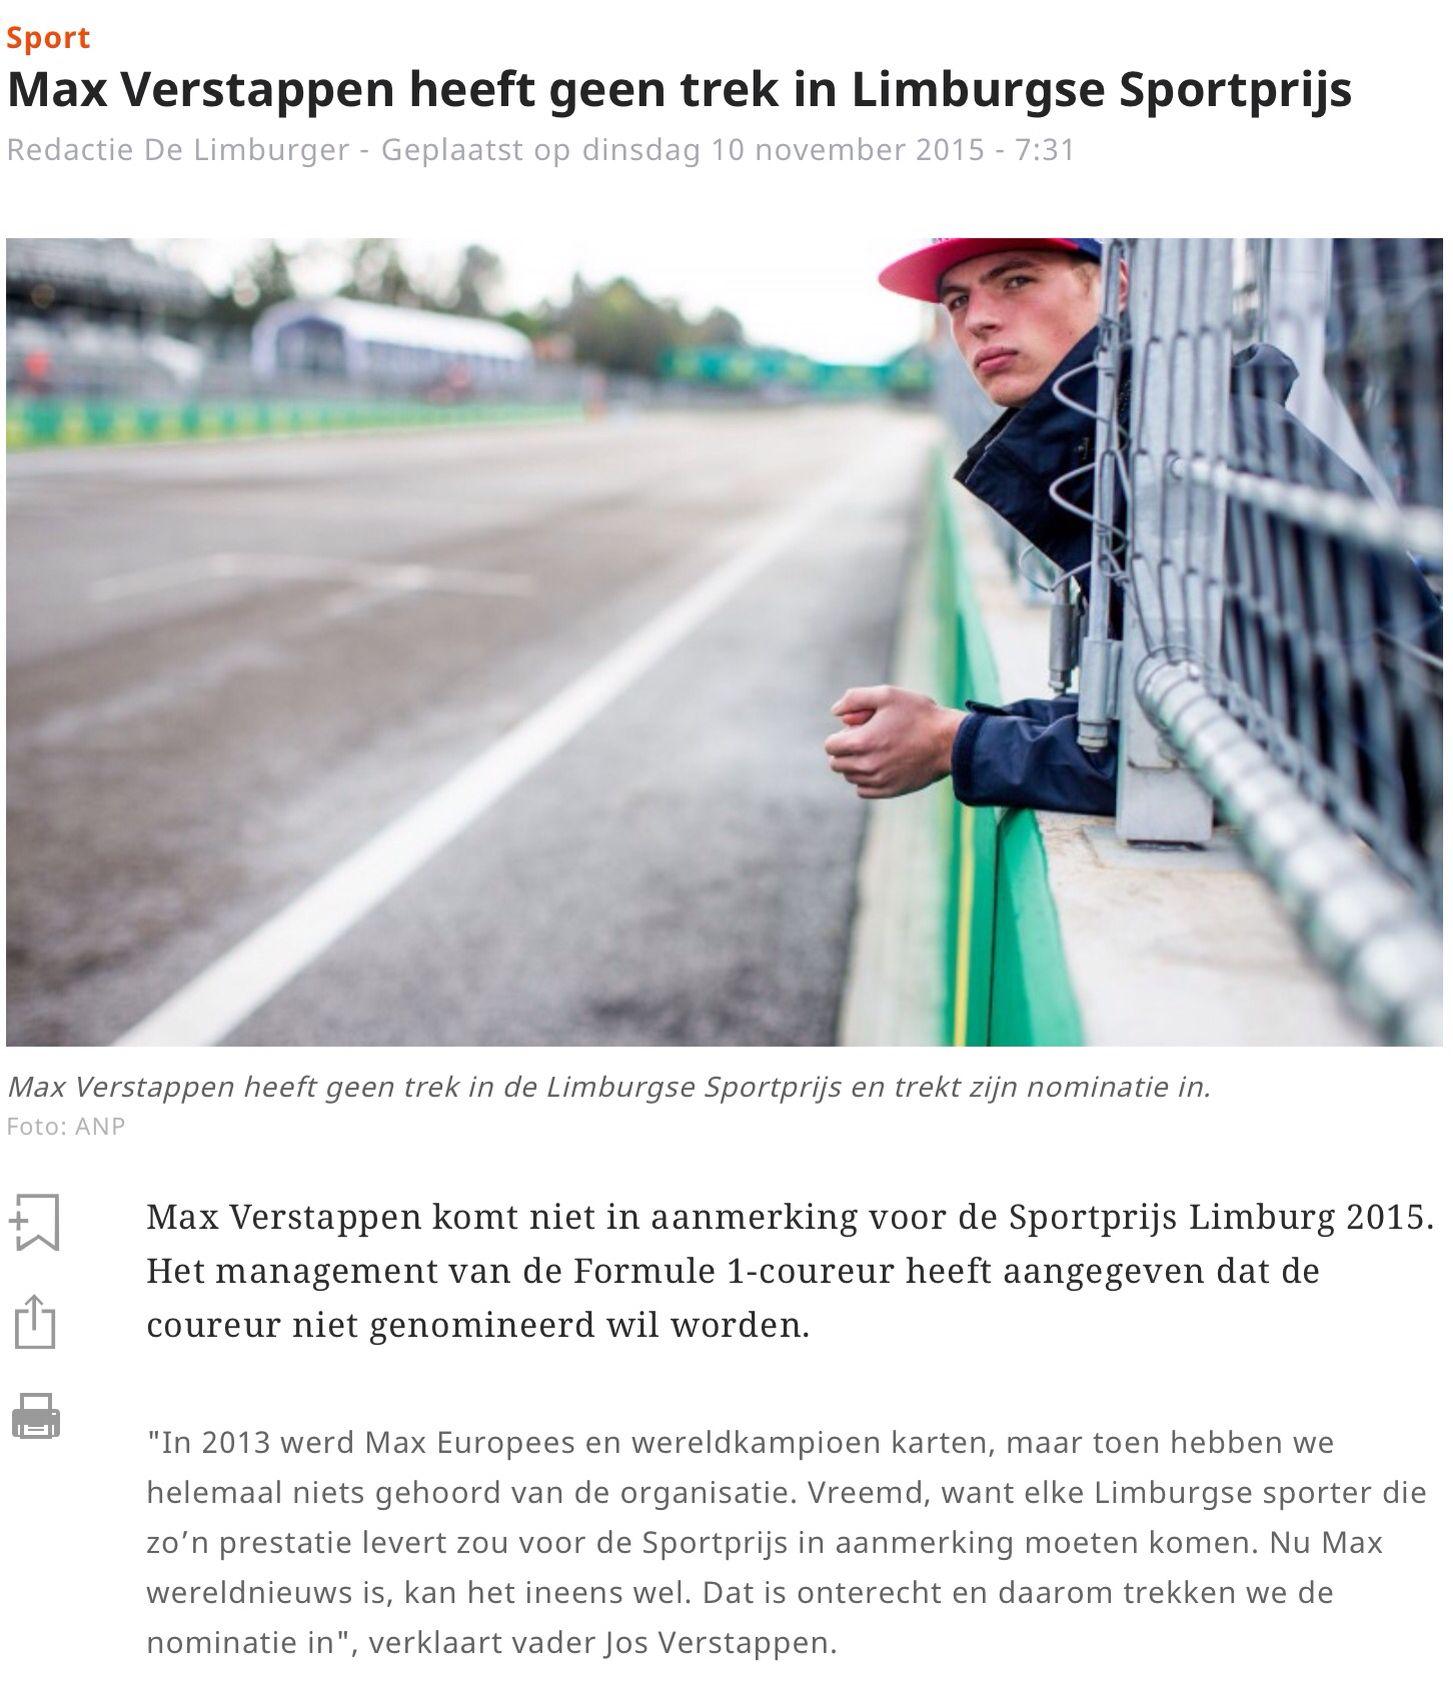 Max heeft geen trek in Limburgse Sportprijs